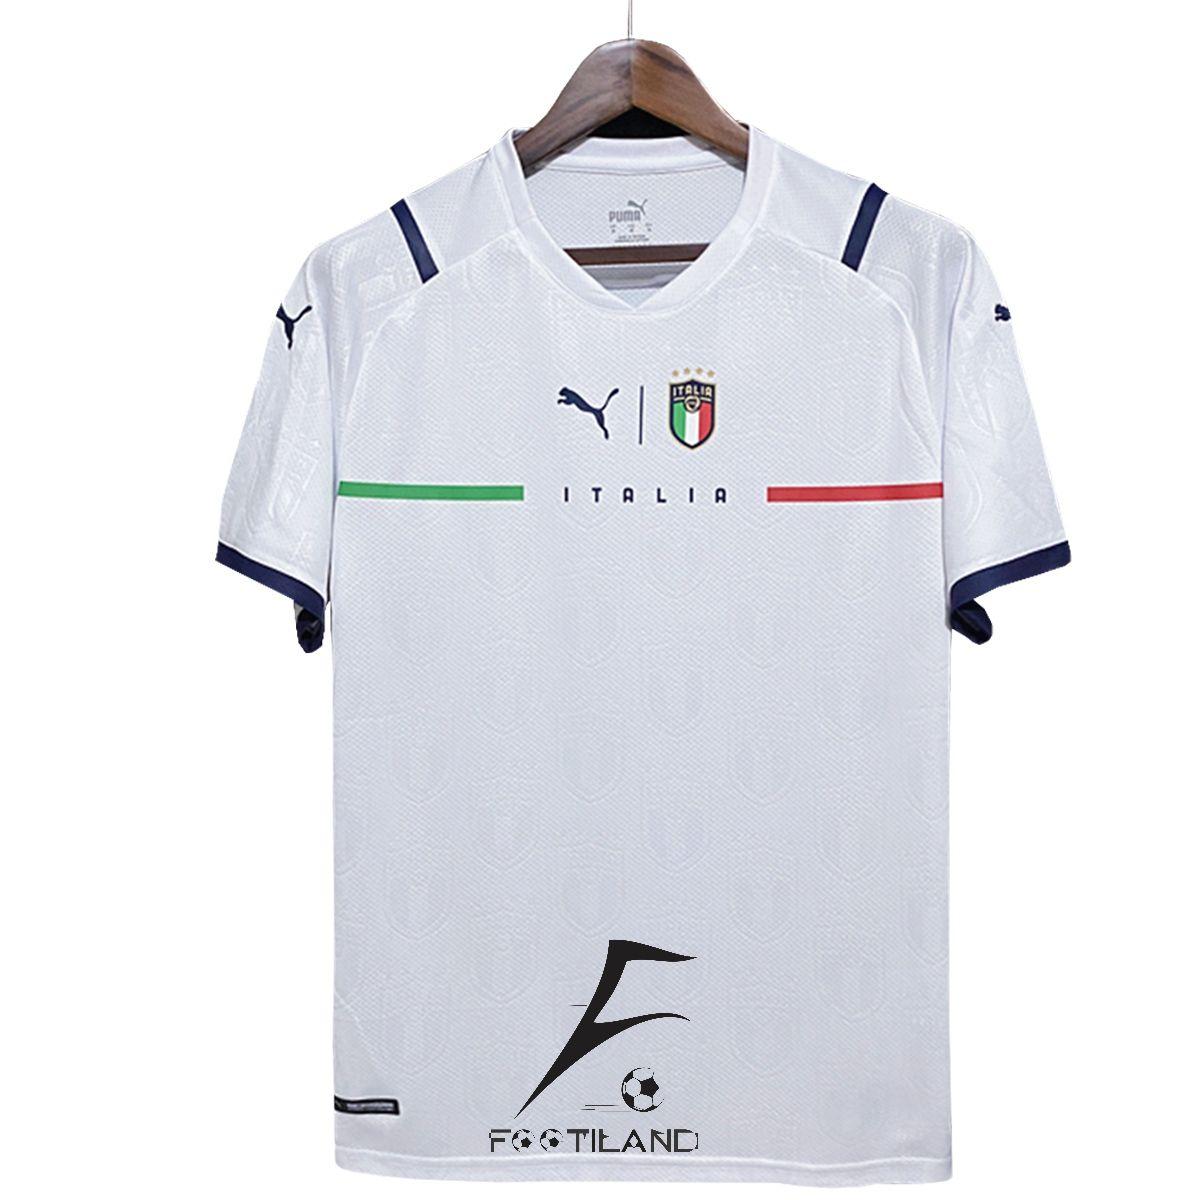 لباس پلیری دوم ایتالیا 2022